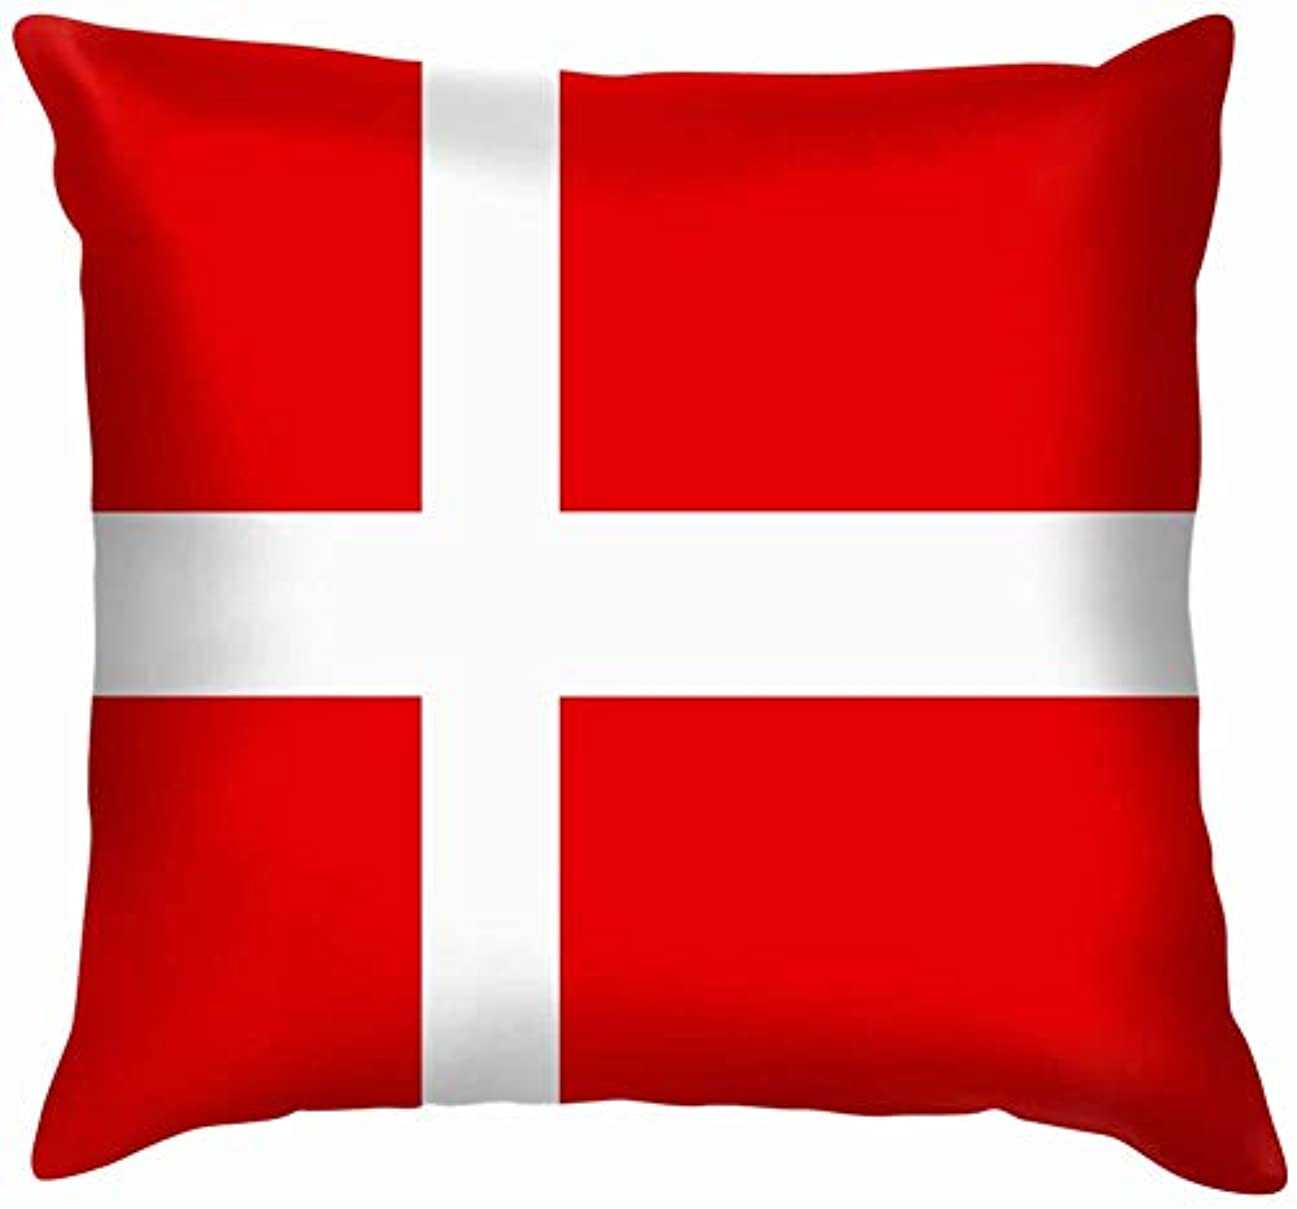 光沢下読み書きのできないデンマーク国旗アイコン投げ枕カバーホームソファクッションカバー枕ケースギフト45x45 cm